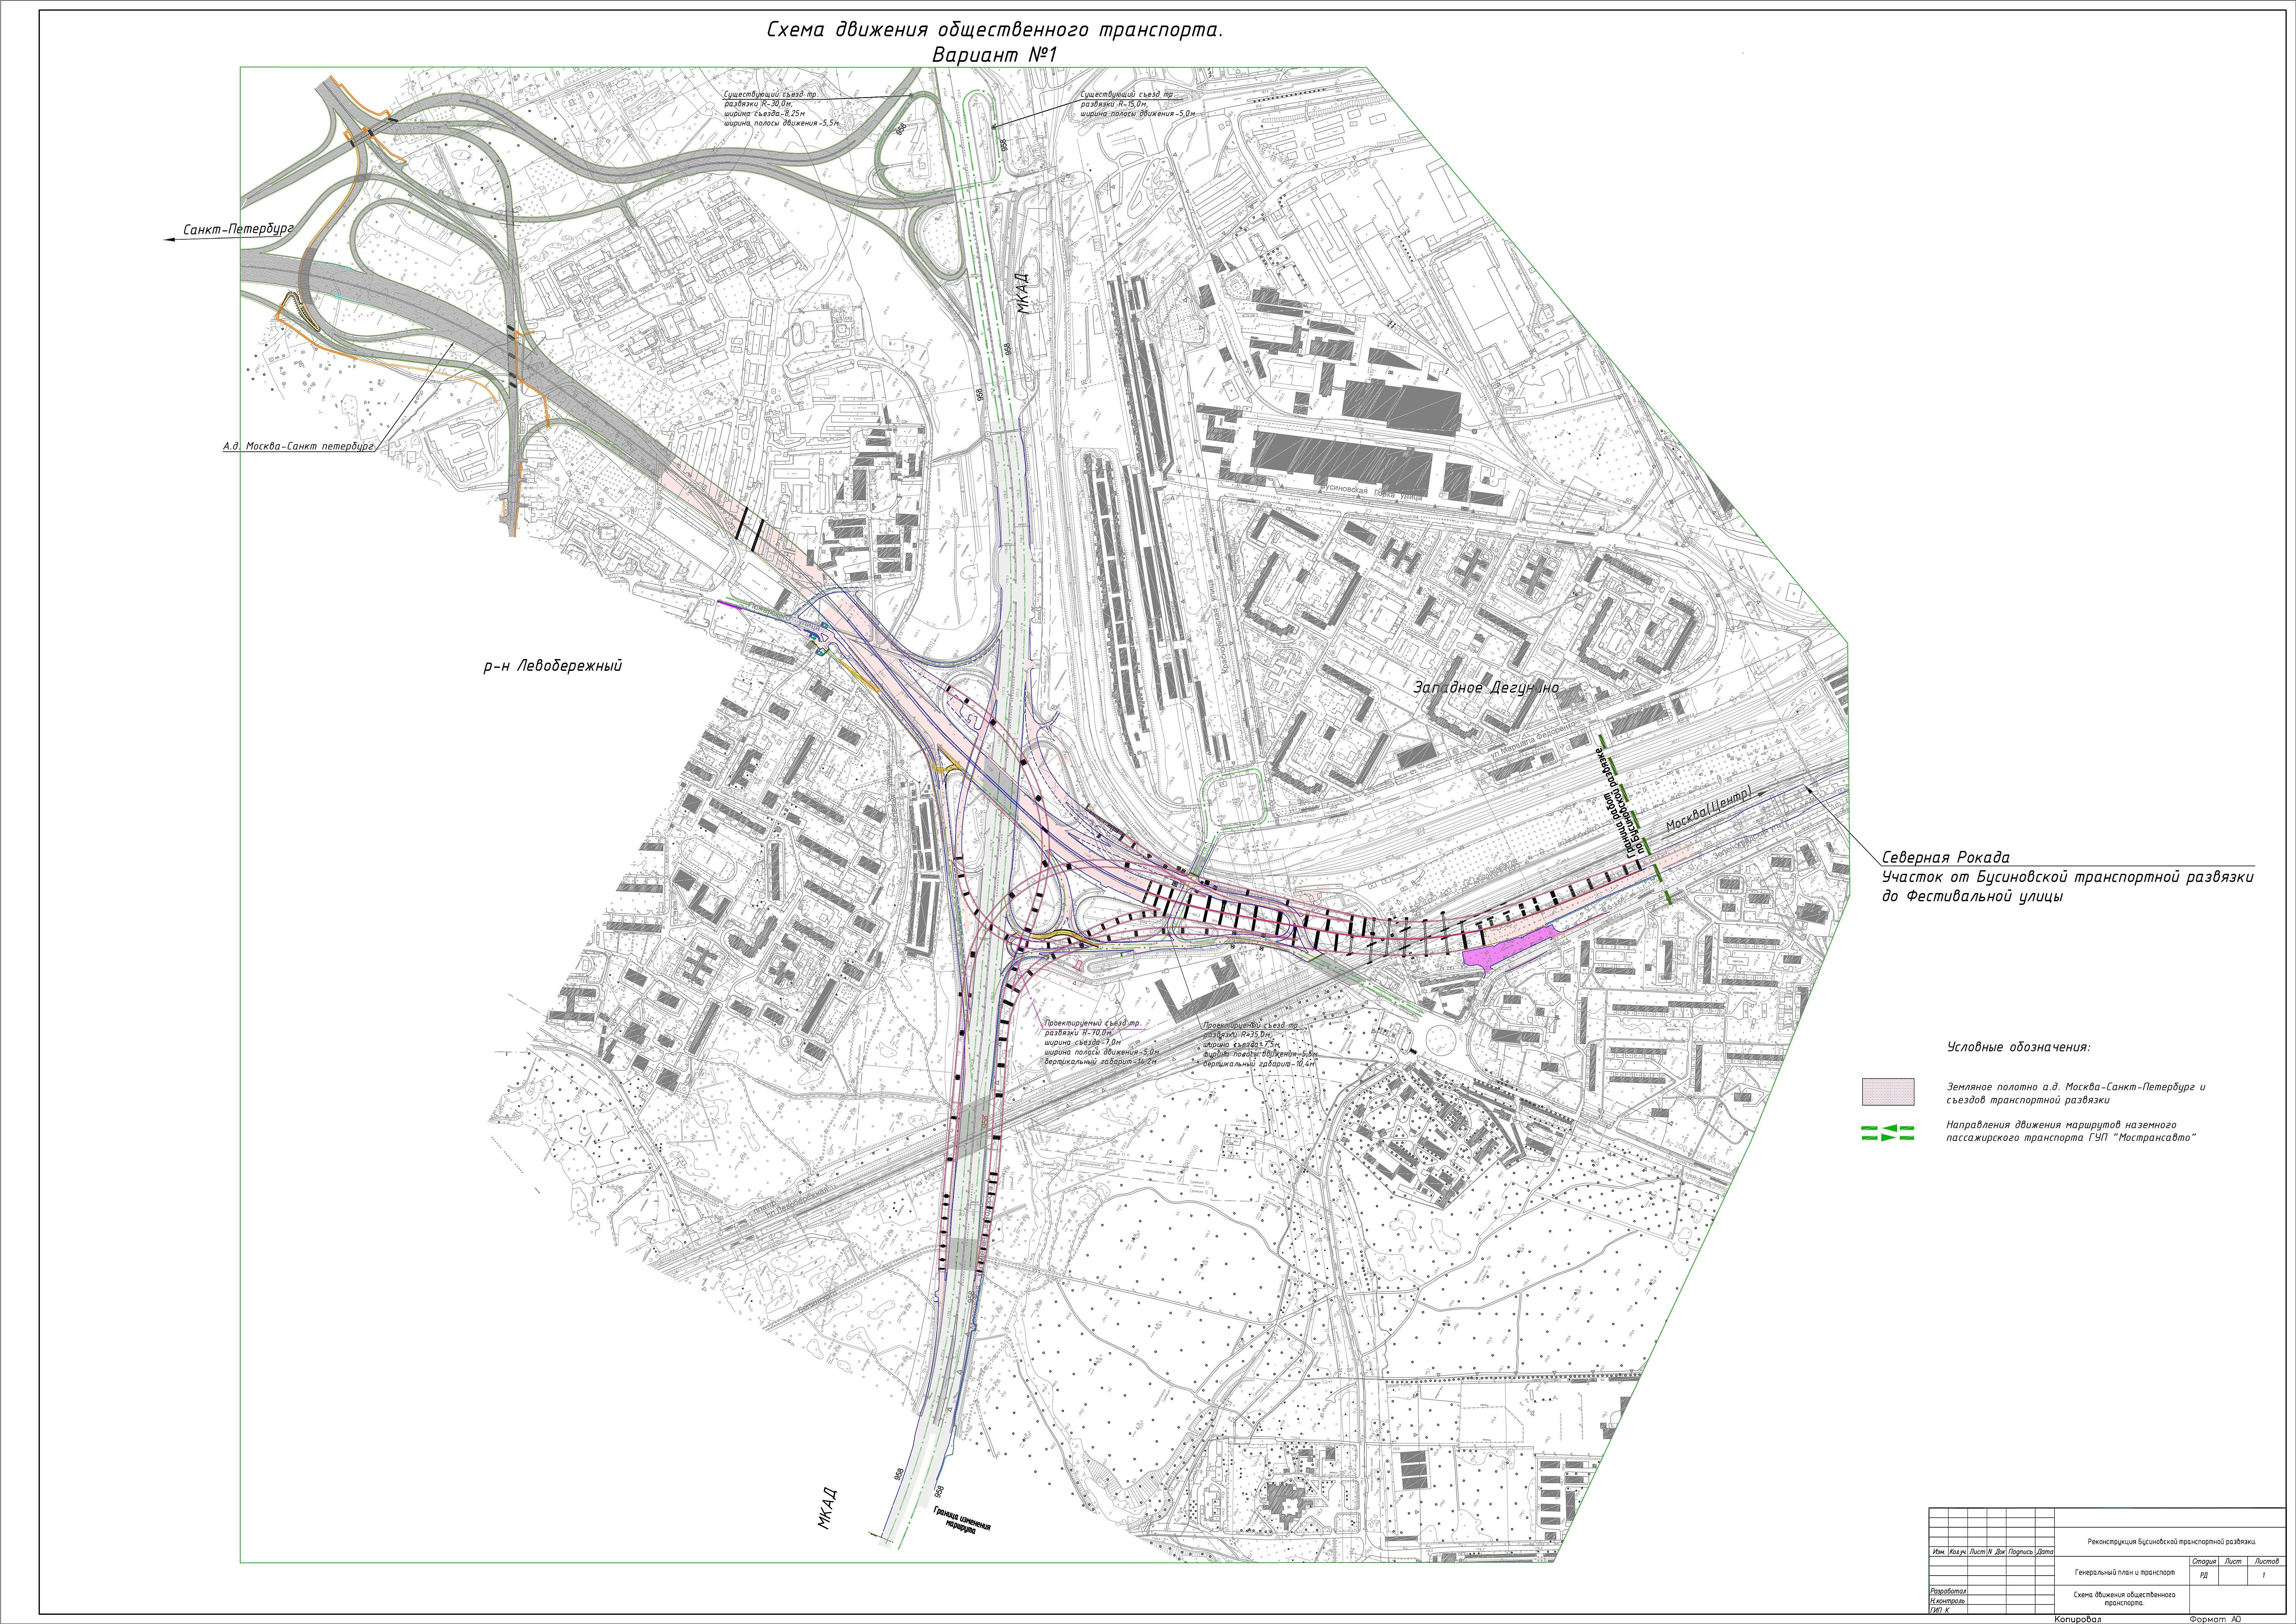 Схемы-движения-общественного-транспорта-на-период-закрытия-Библиотечного-проезда.pdf